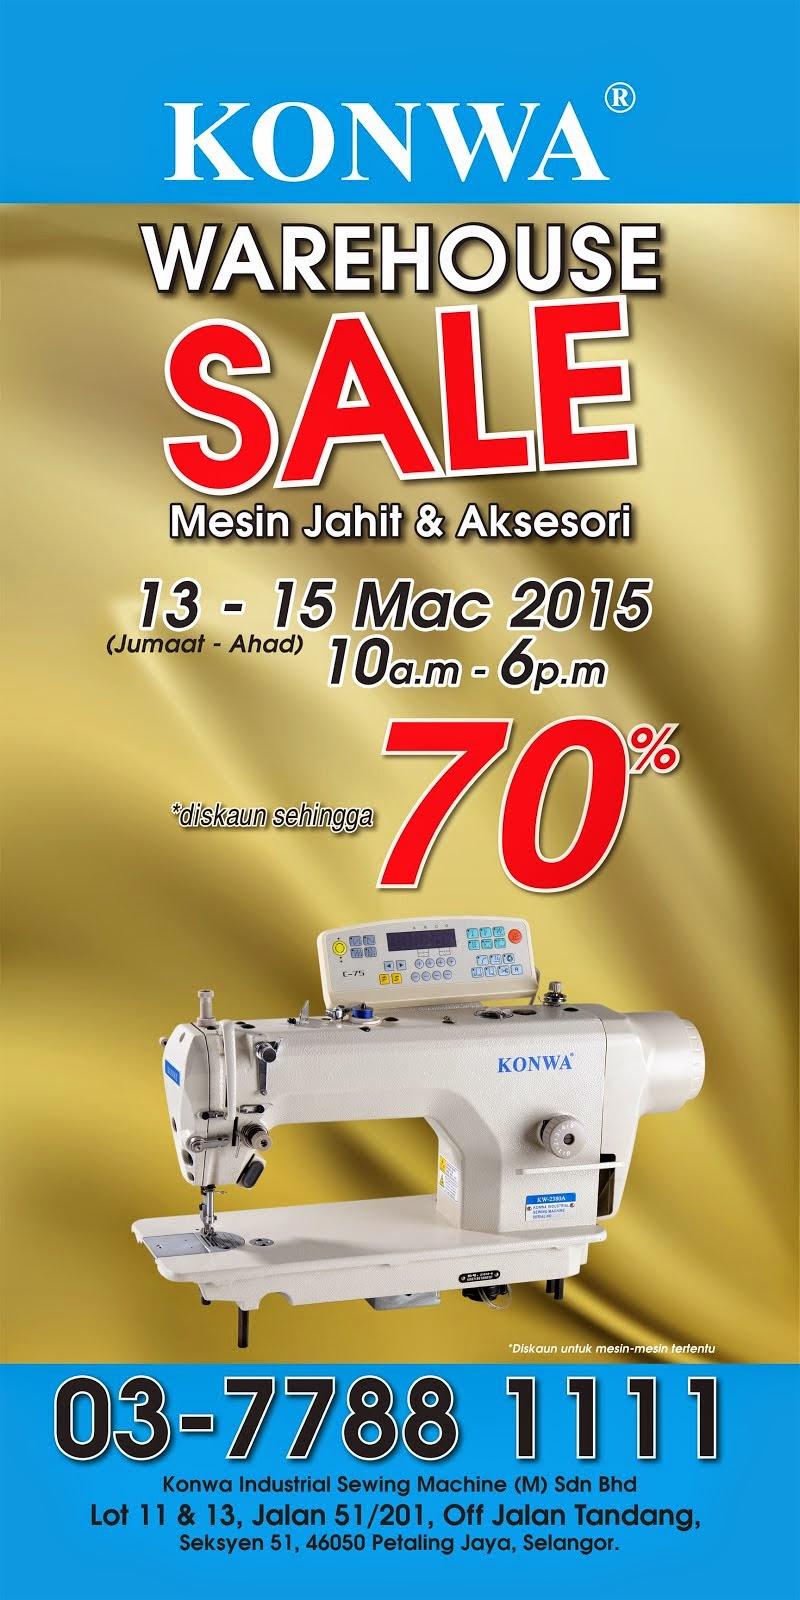 Konwa Warehouse Sales